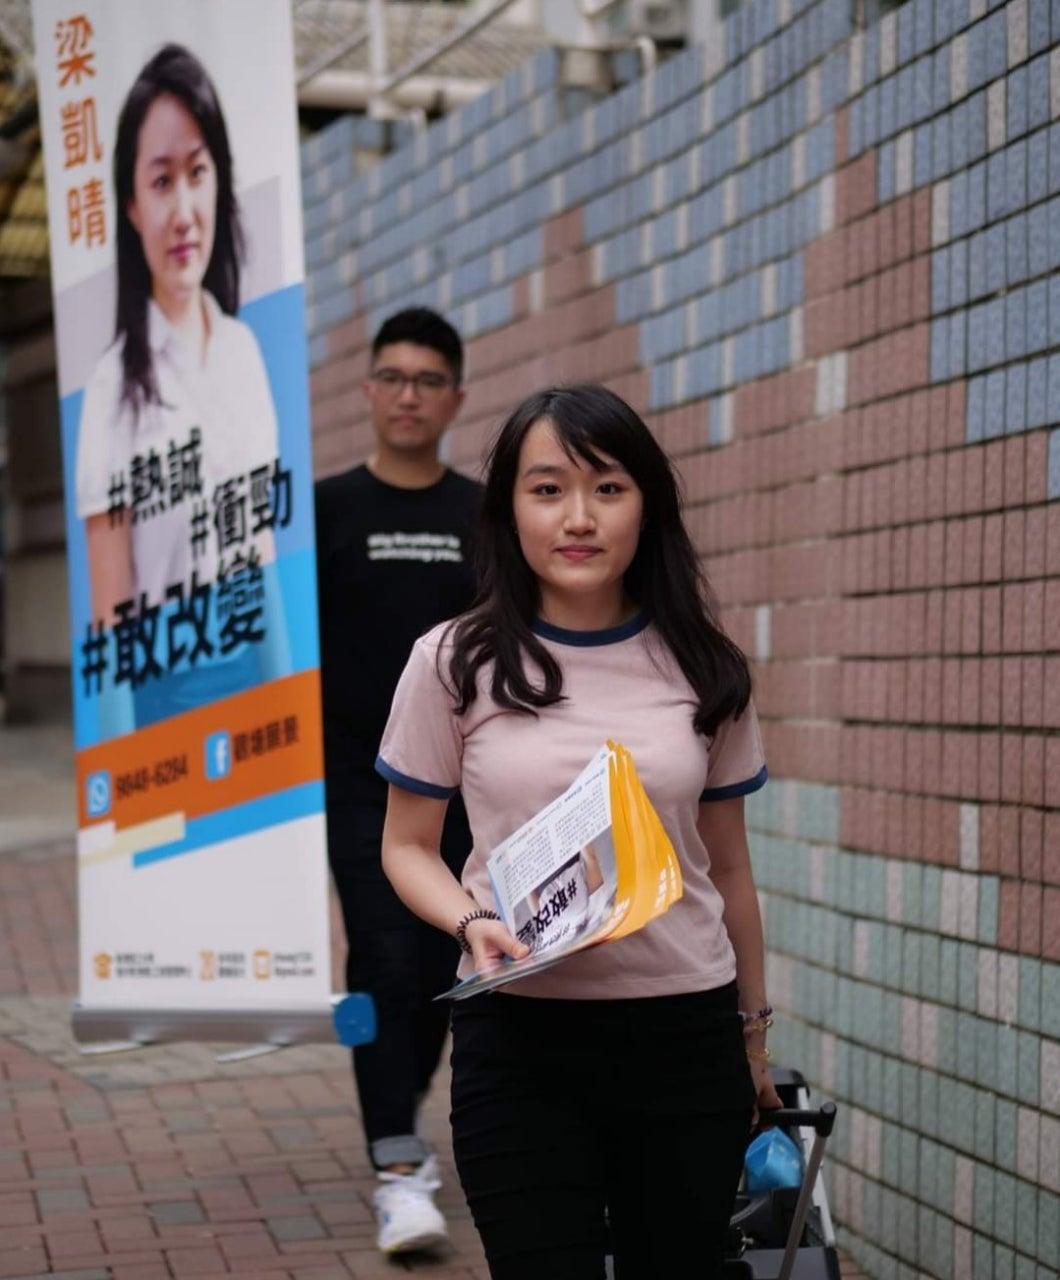 大勝の影 | 香港八五郎のブログ